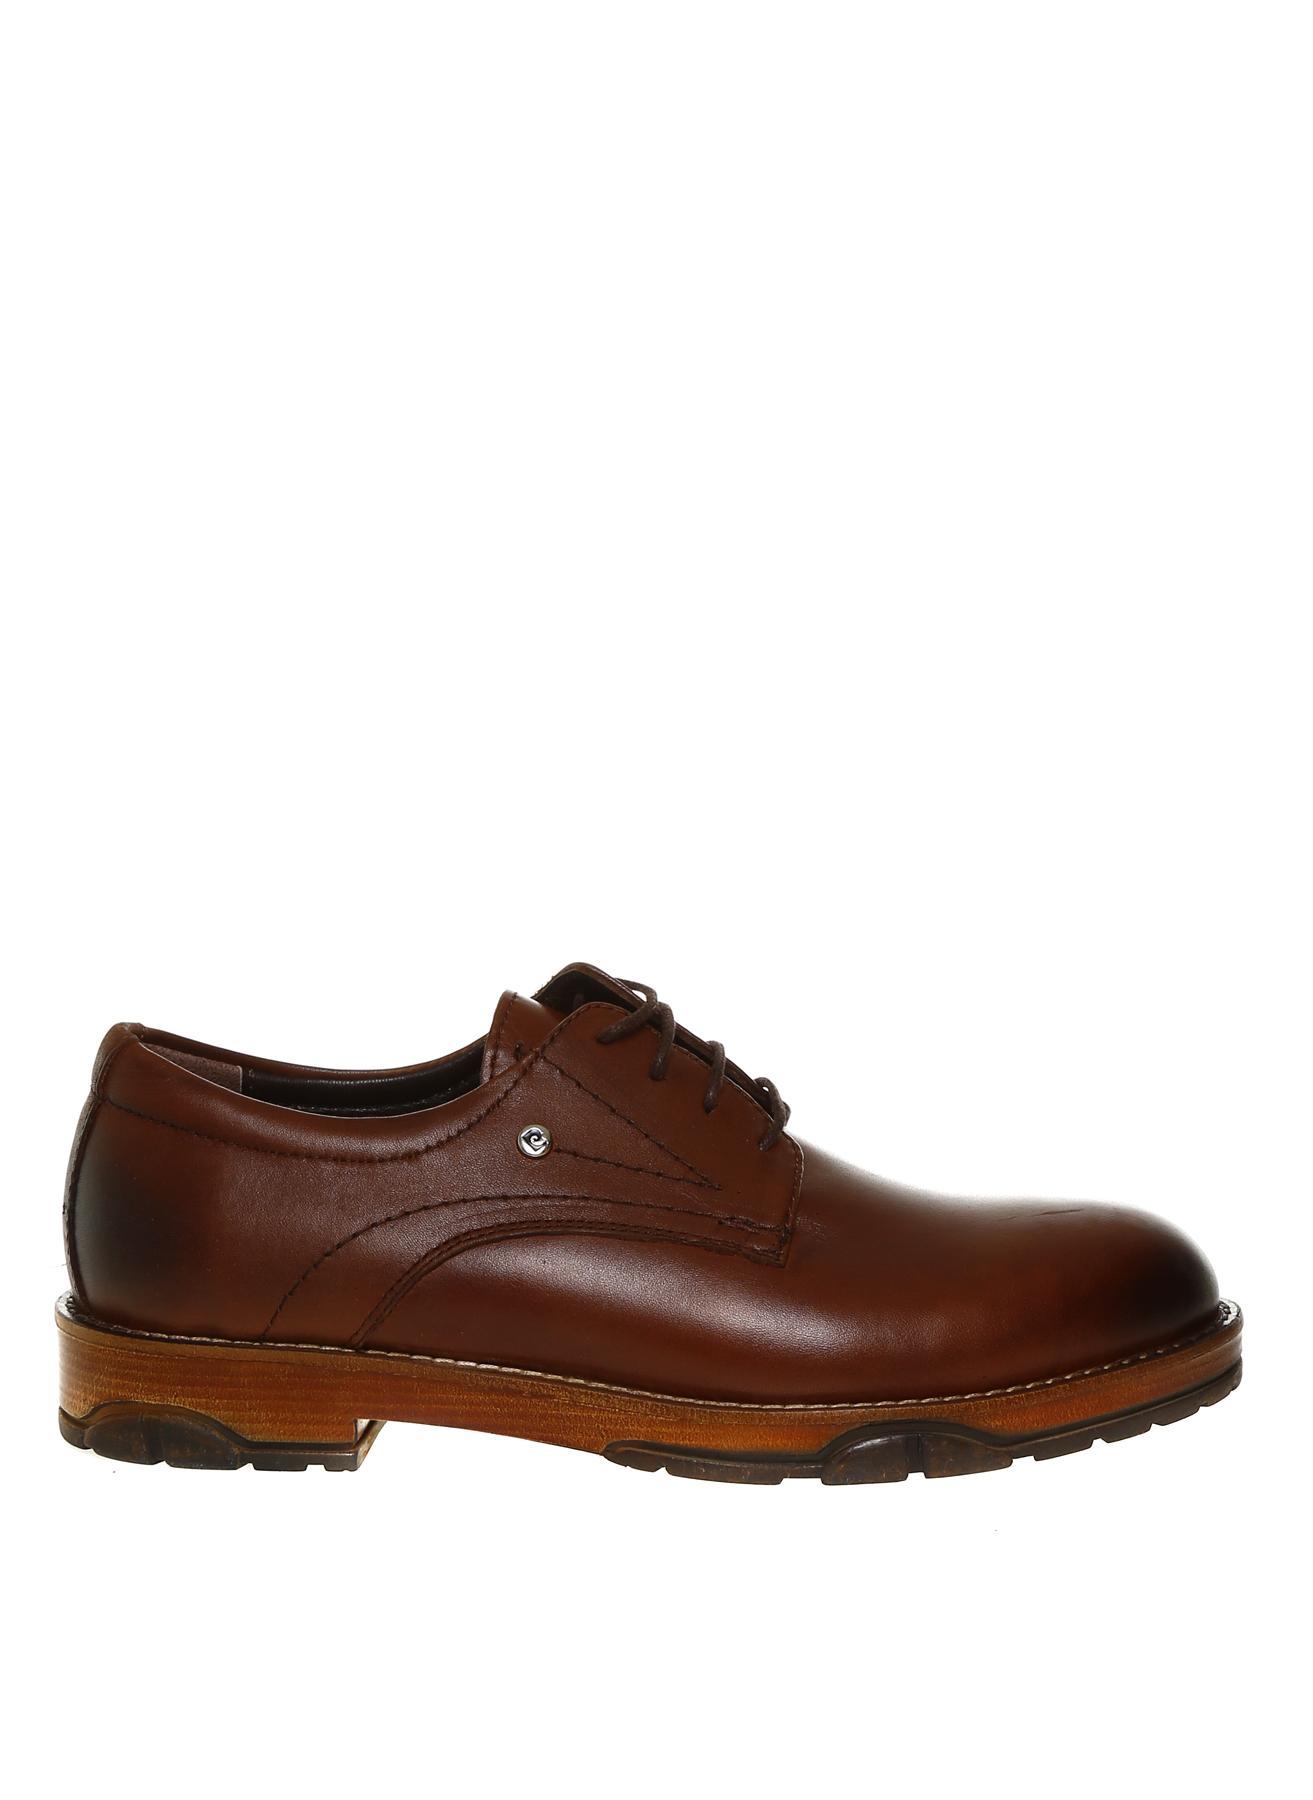 Pierre Cardin Bağcıklı Klasik Ayakkabı 43 5001921649004 Ürün Resmi